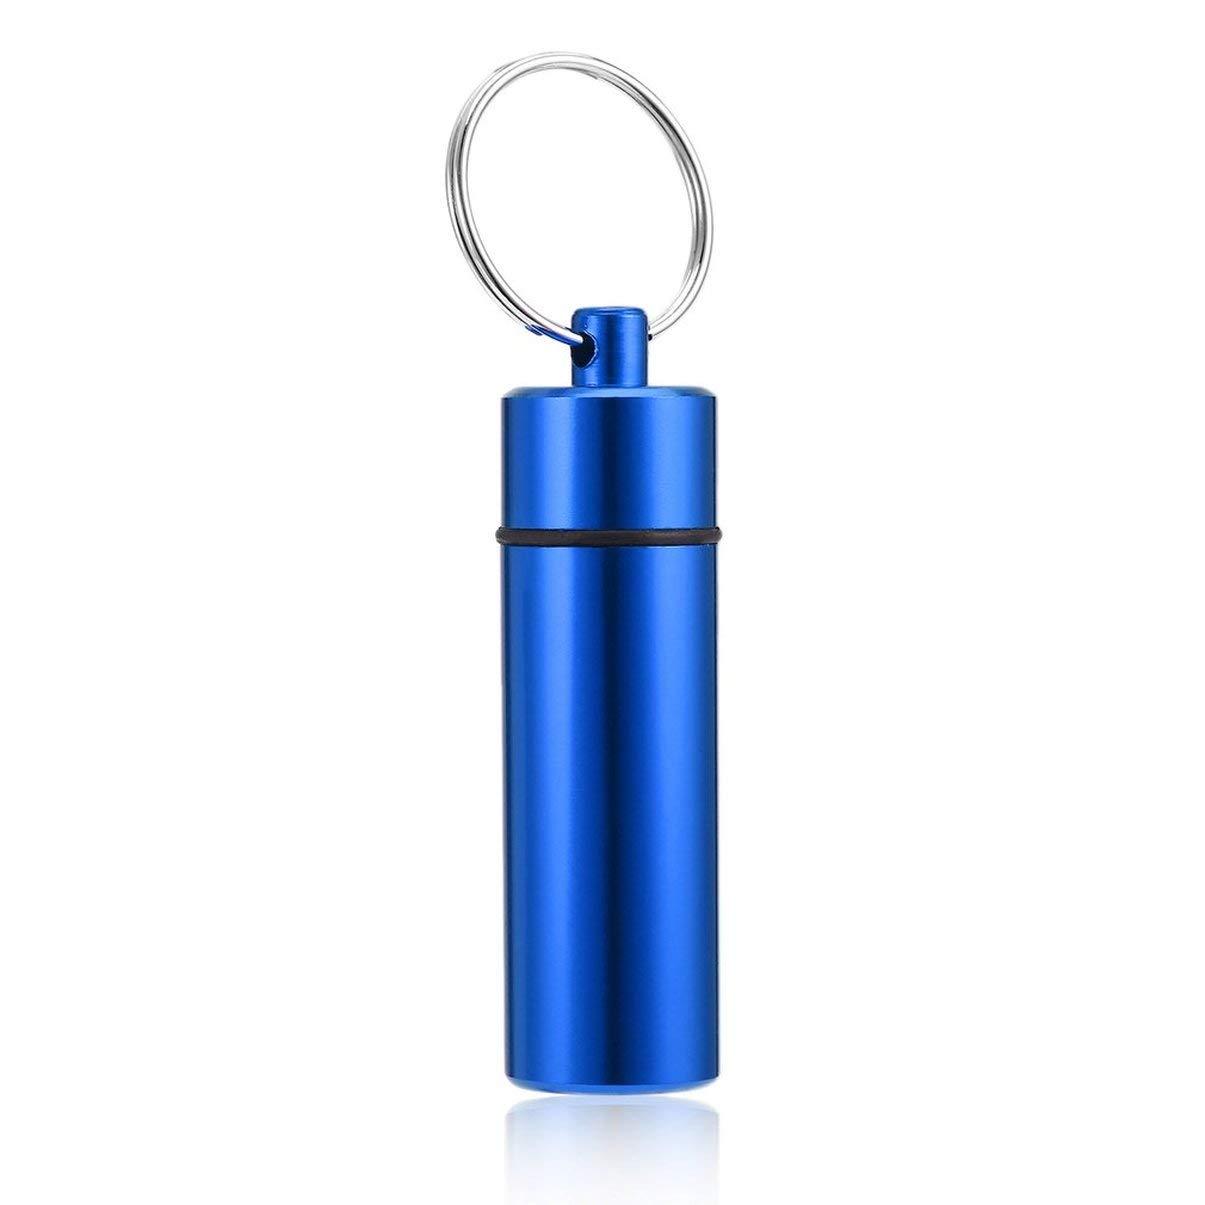 JullyeleDEgant Mini Tragbare Wasserdichte Pille Form Aluminiumlegierung Pille Box Fall Flasche Cache Drug Halter Container Mit Schlüsselbund